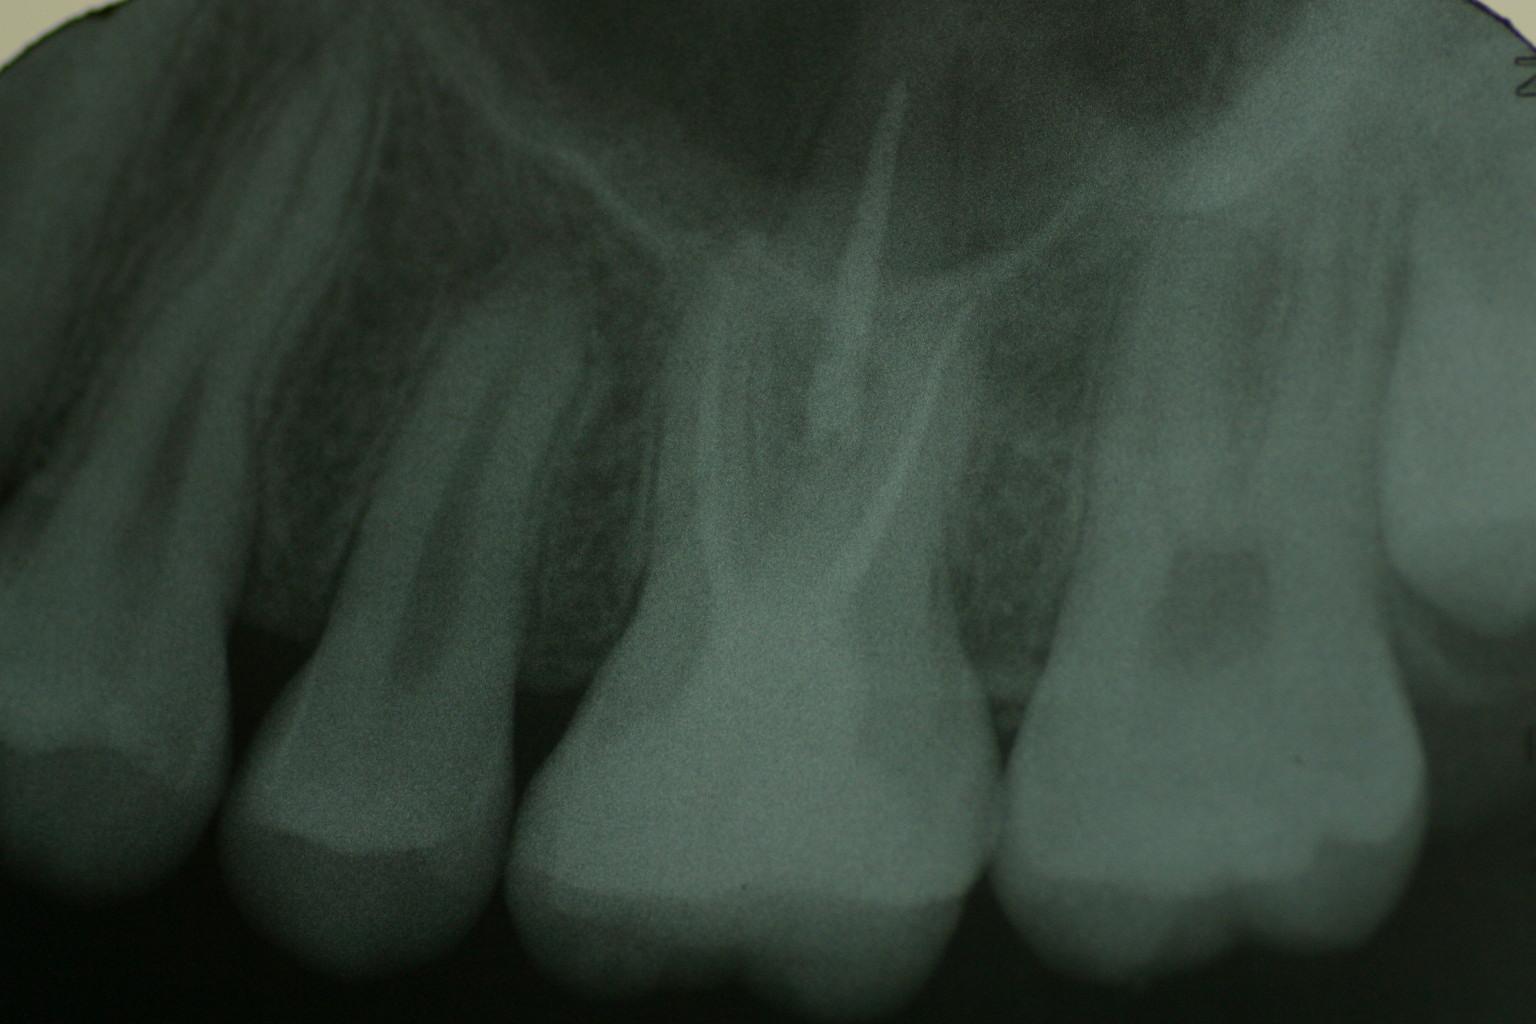 X ray 08 09 30